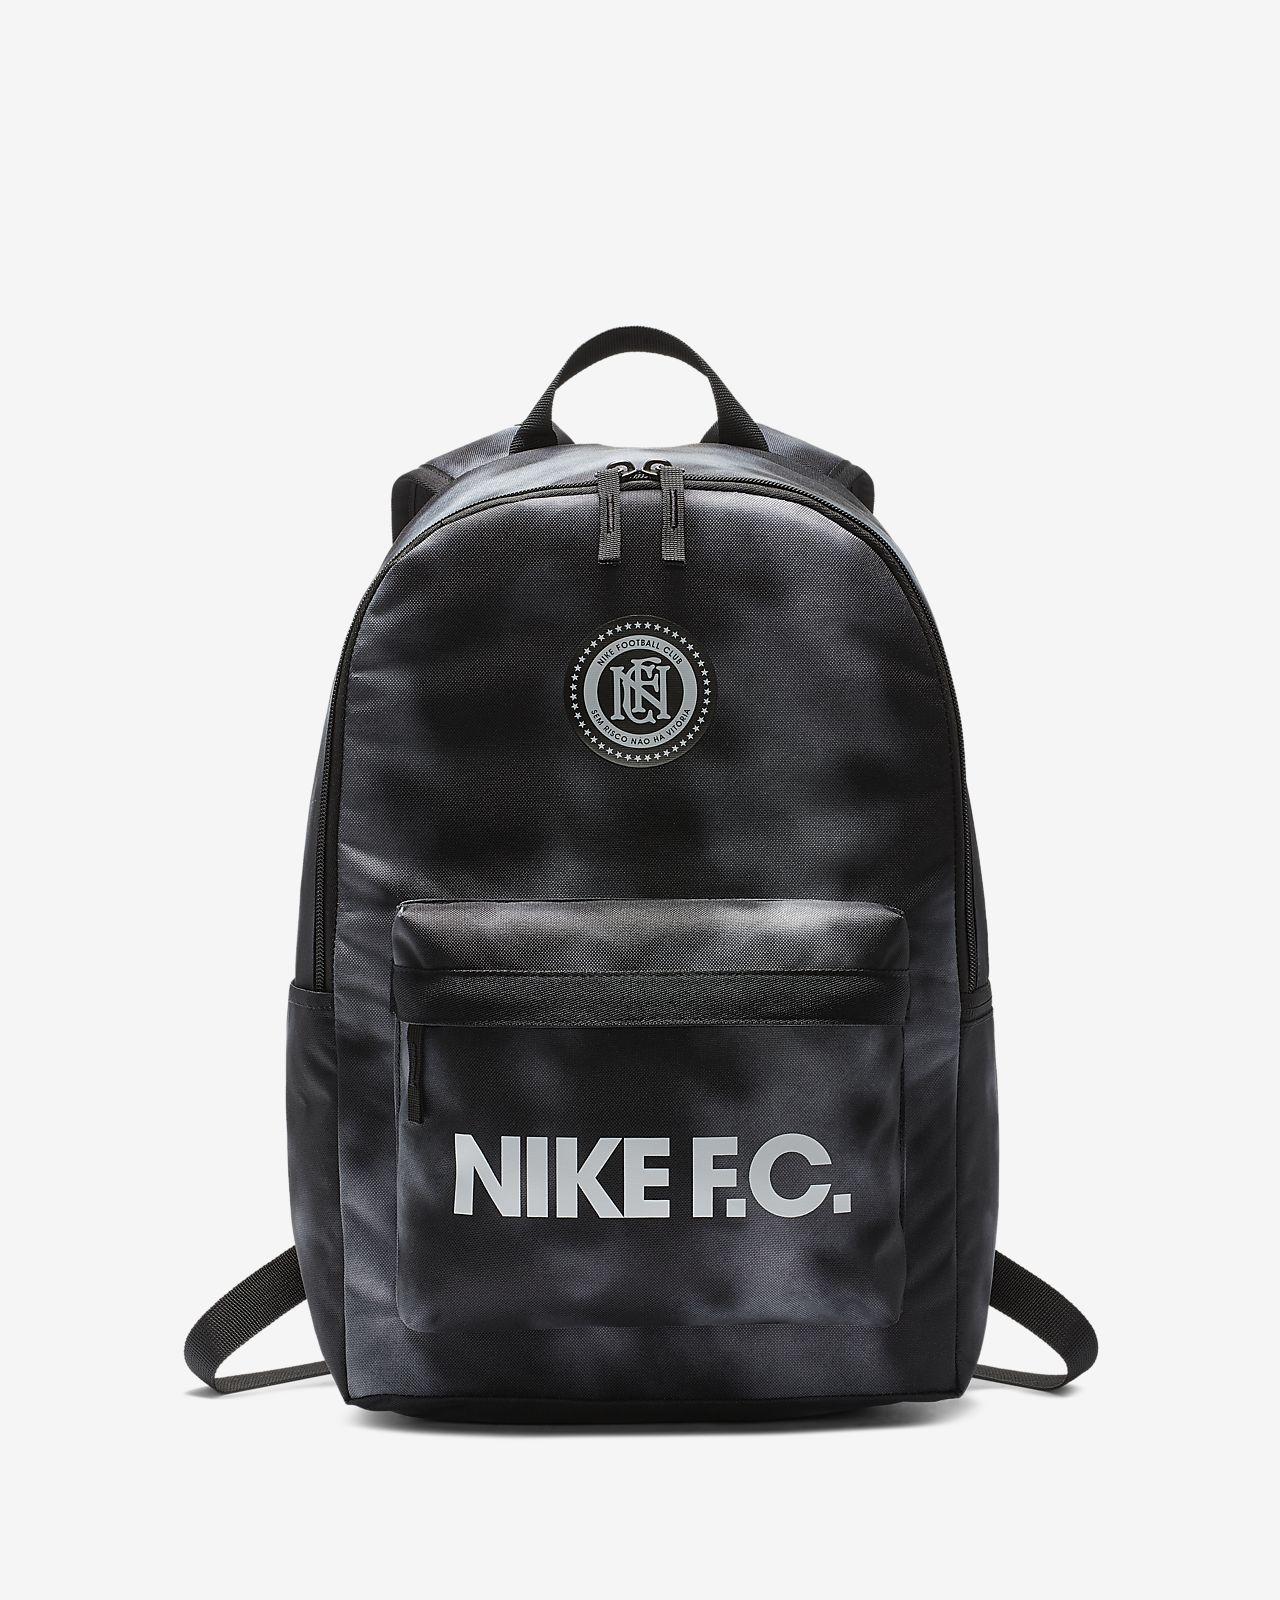 Nike F C Soccer Backpack